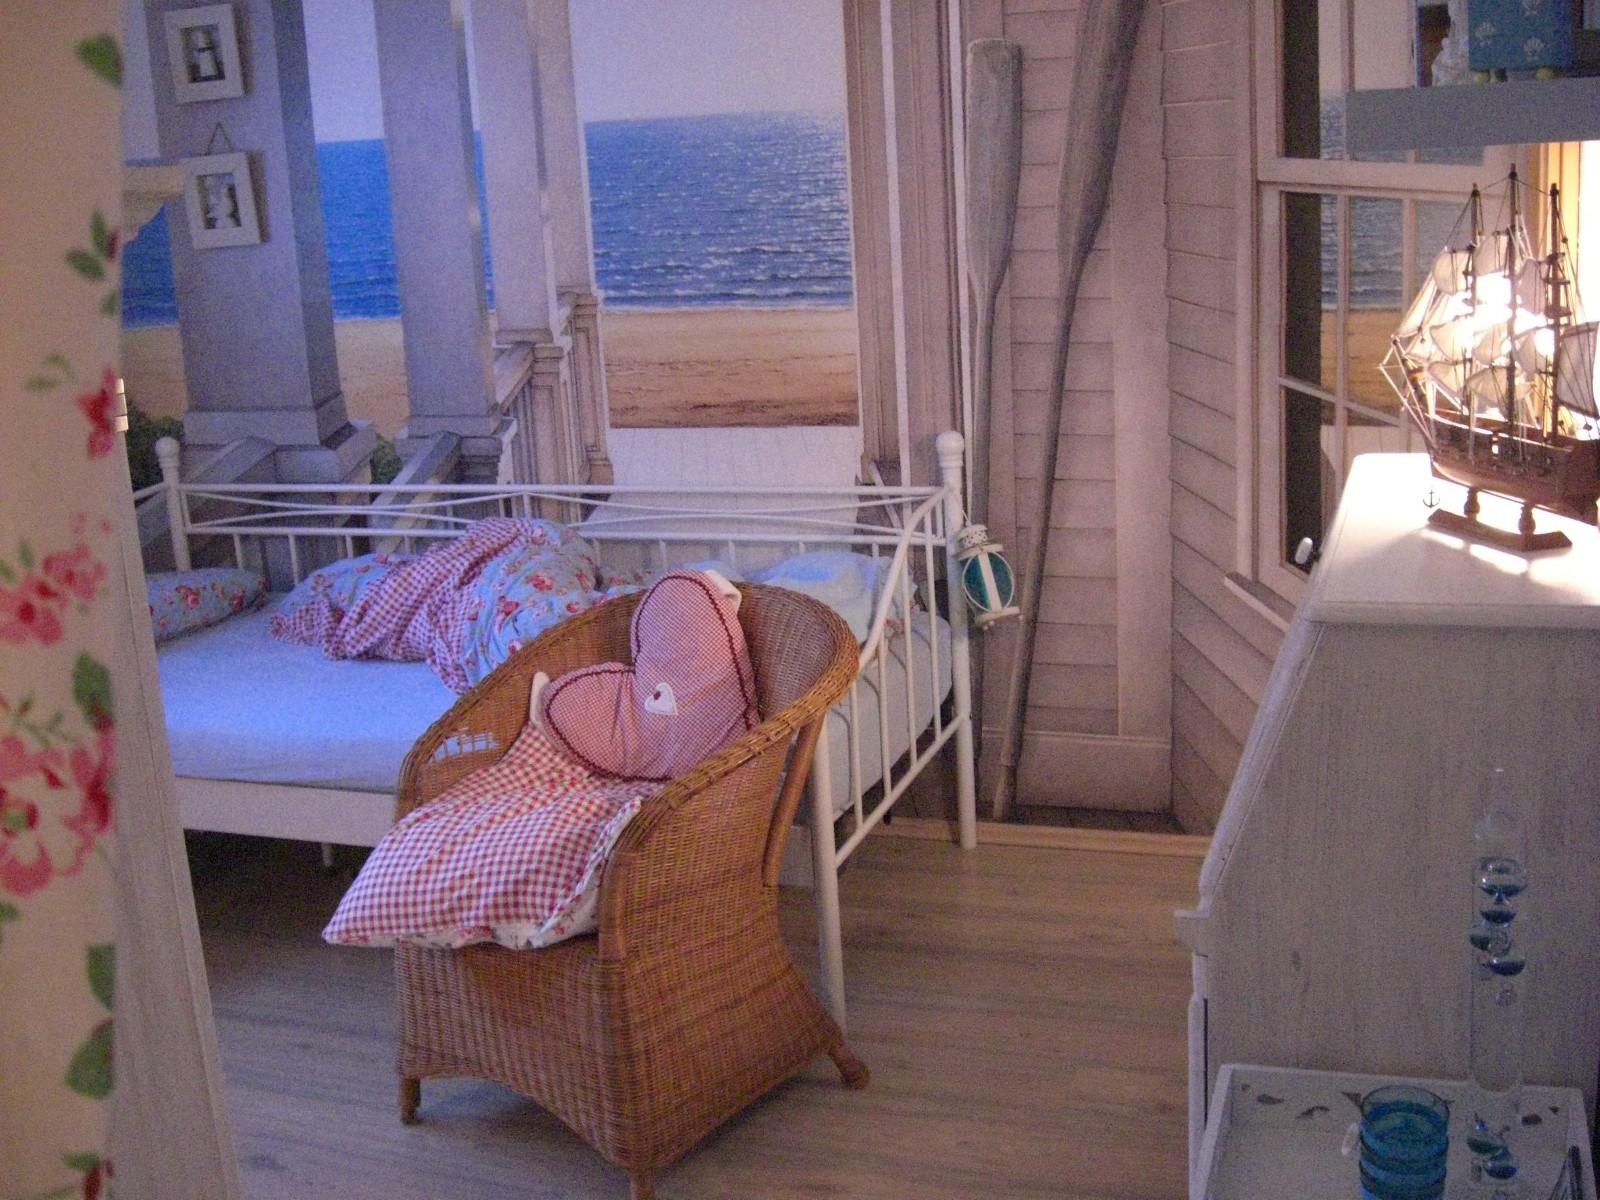 kinderzimmer 39 mein m dchenzimmer 39 sauerlandhome zimmerschau. Black Bedroom Furniture Sets. Home Design Ideas